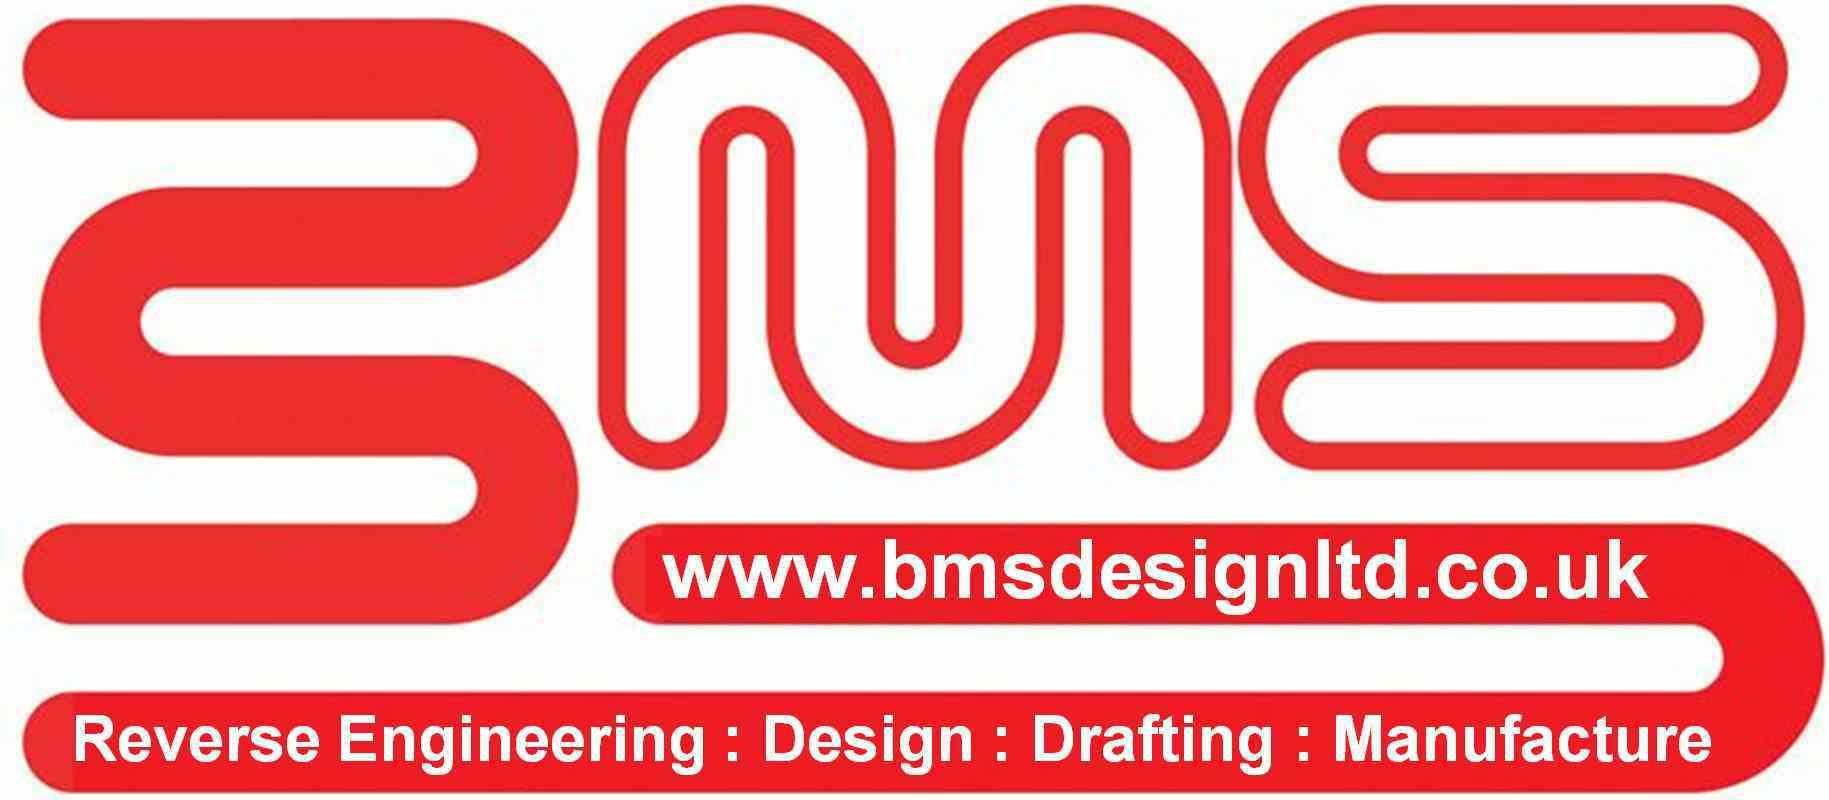 BMS-Design-Logo-2010